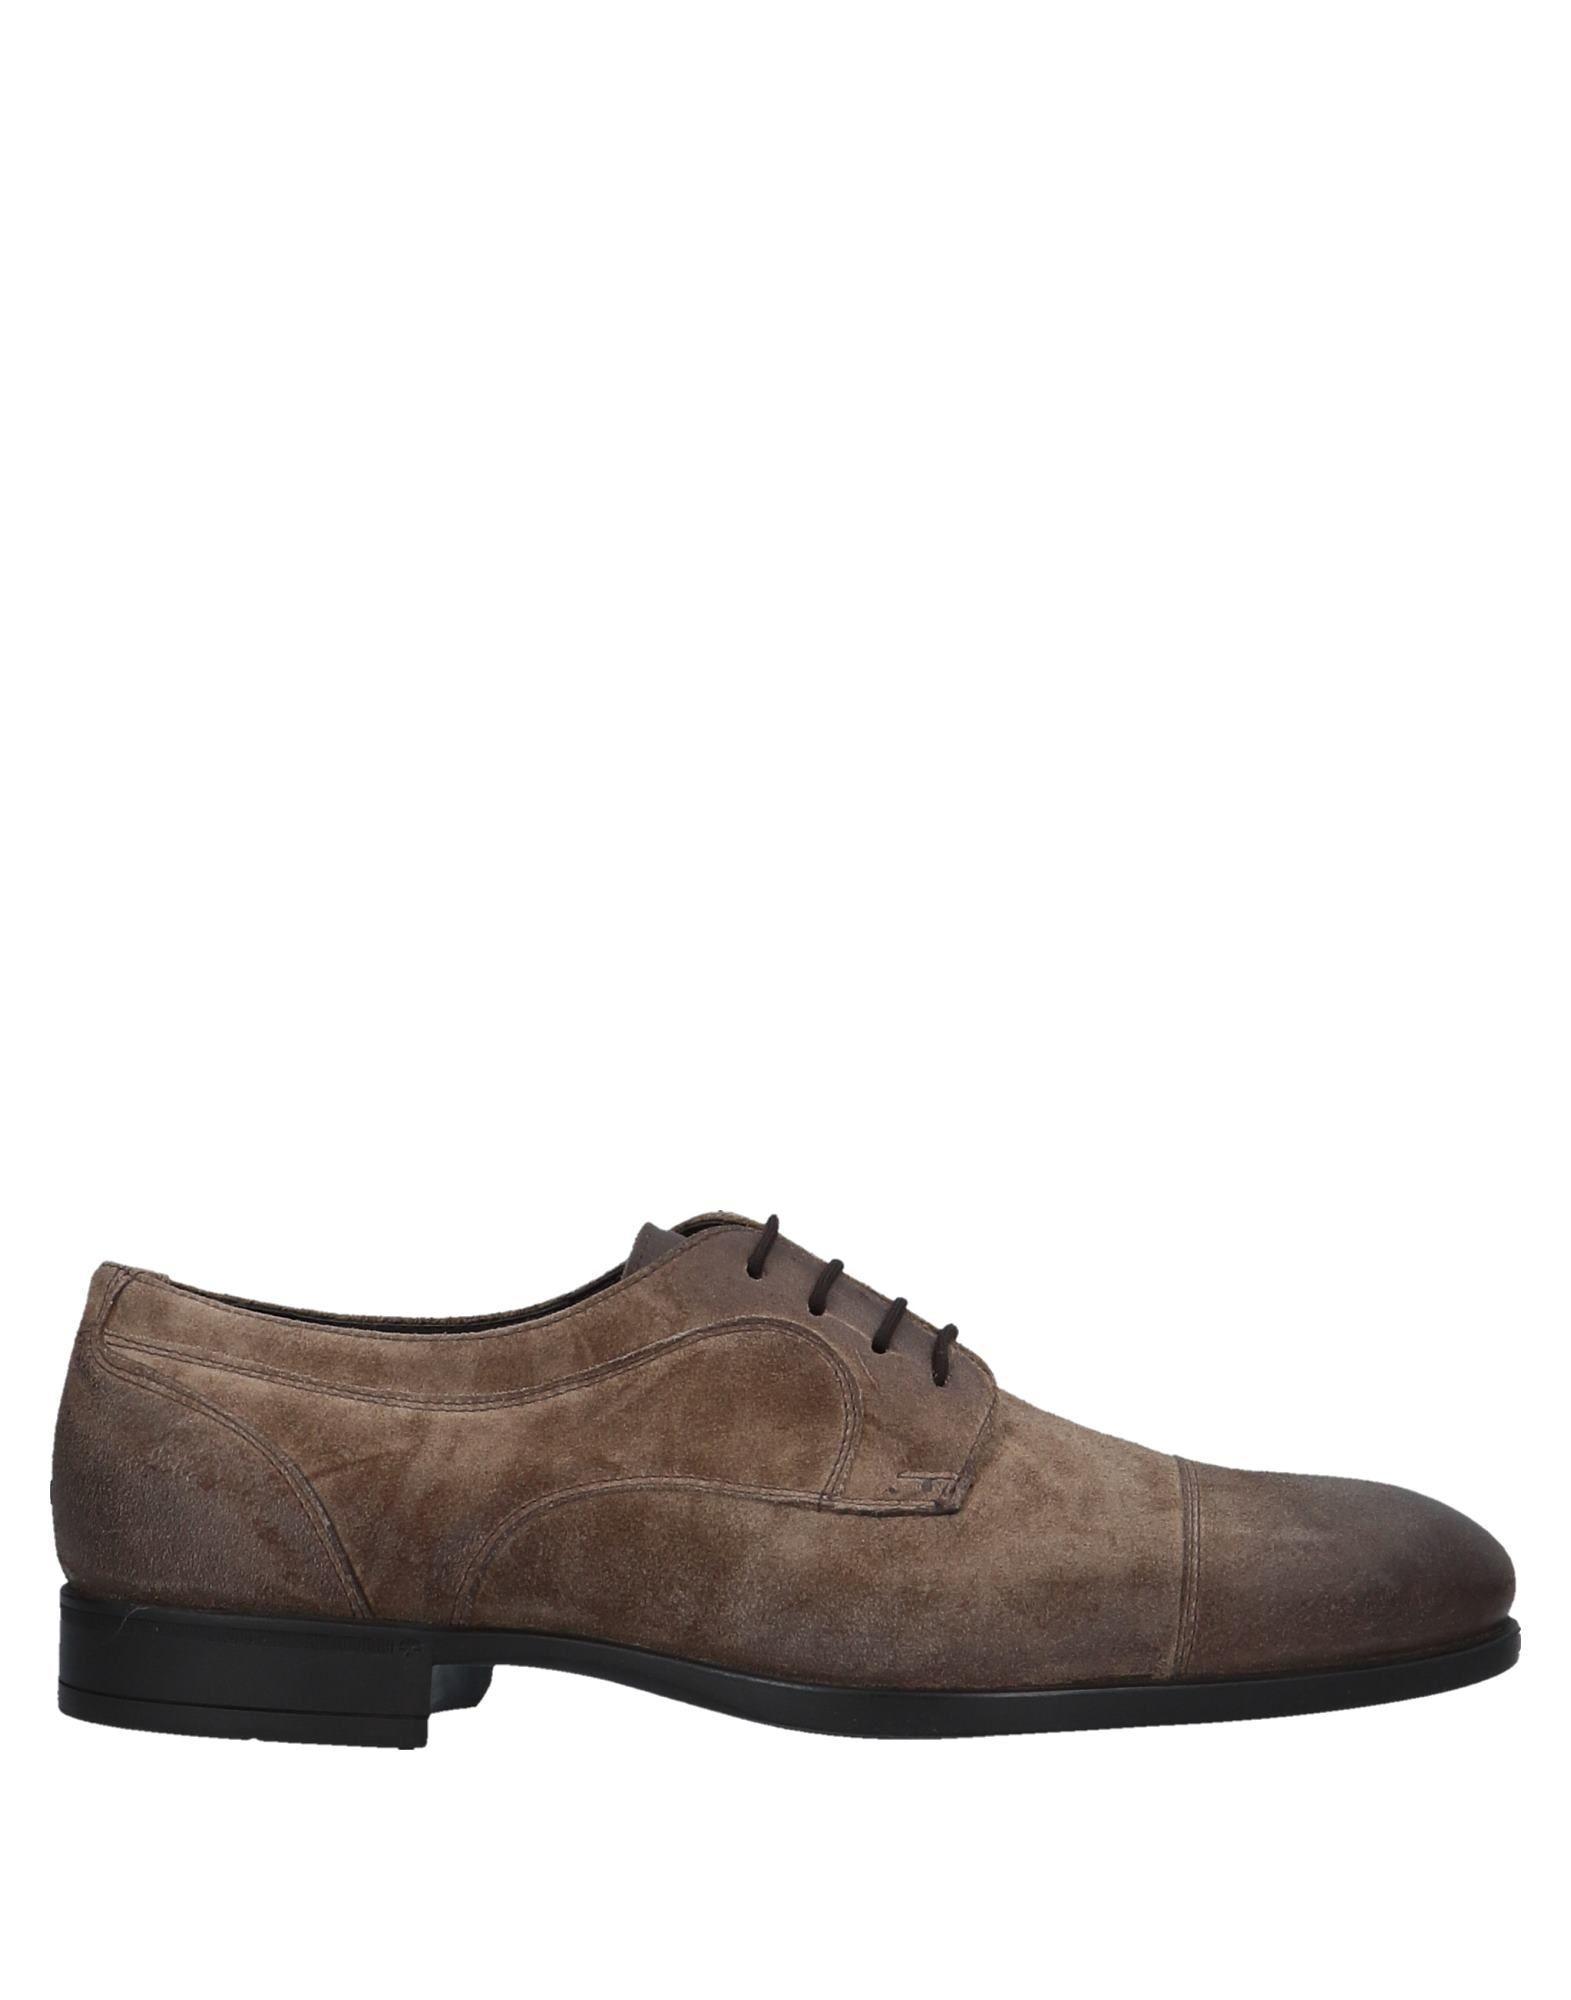 Stivaletti E.G.J. Donna - 11484117TD Scarpe economiche e buone